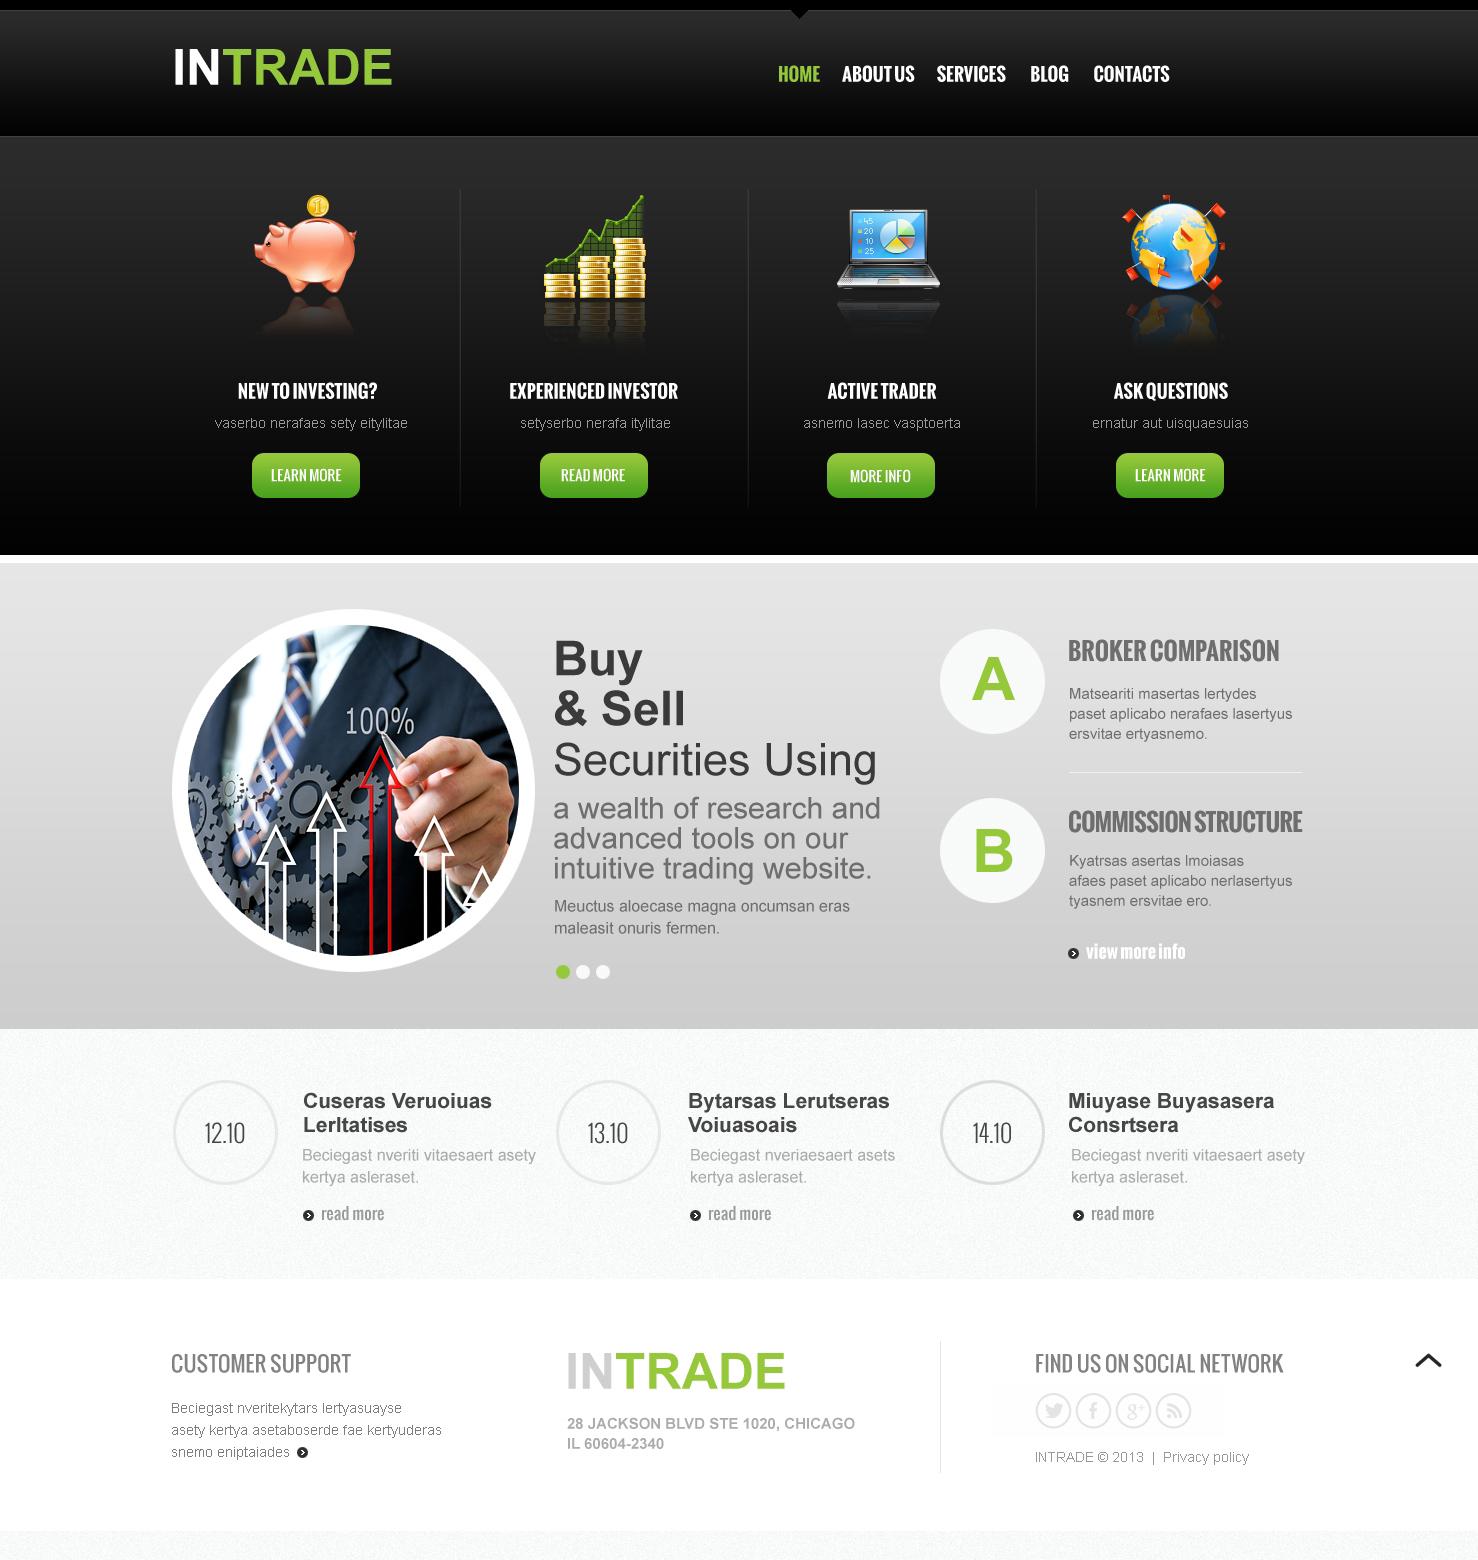 Plantilla Joomla Responsive para Sitio de Sociedades de inversión #47153 - captura de pantalla